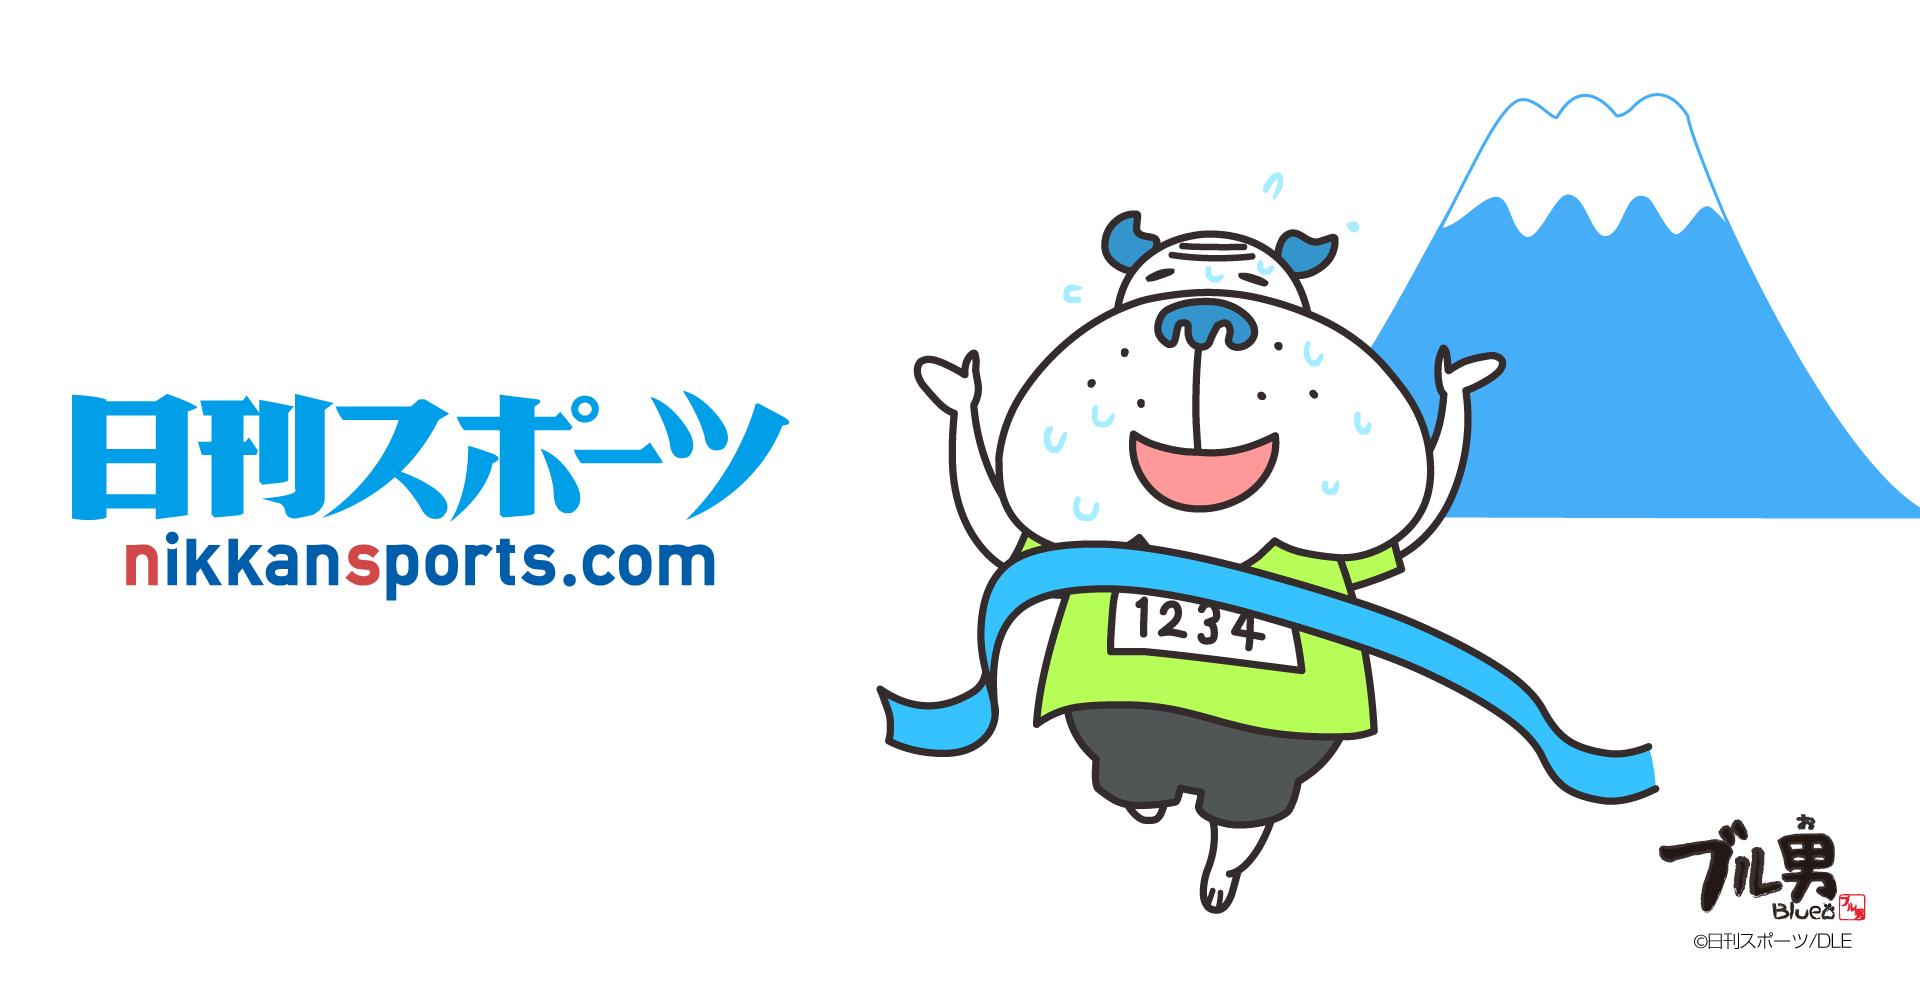 招致エンブレム「桜のリース」島峰さん待望論も - 社会 : 日刊スポーツ